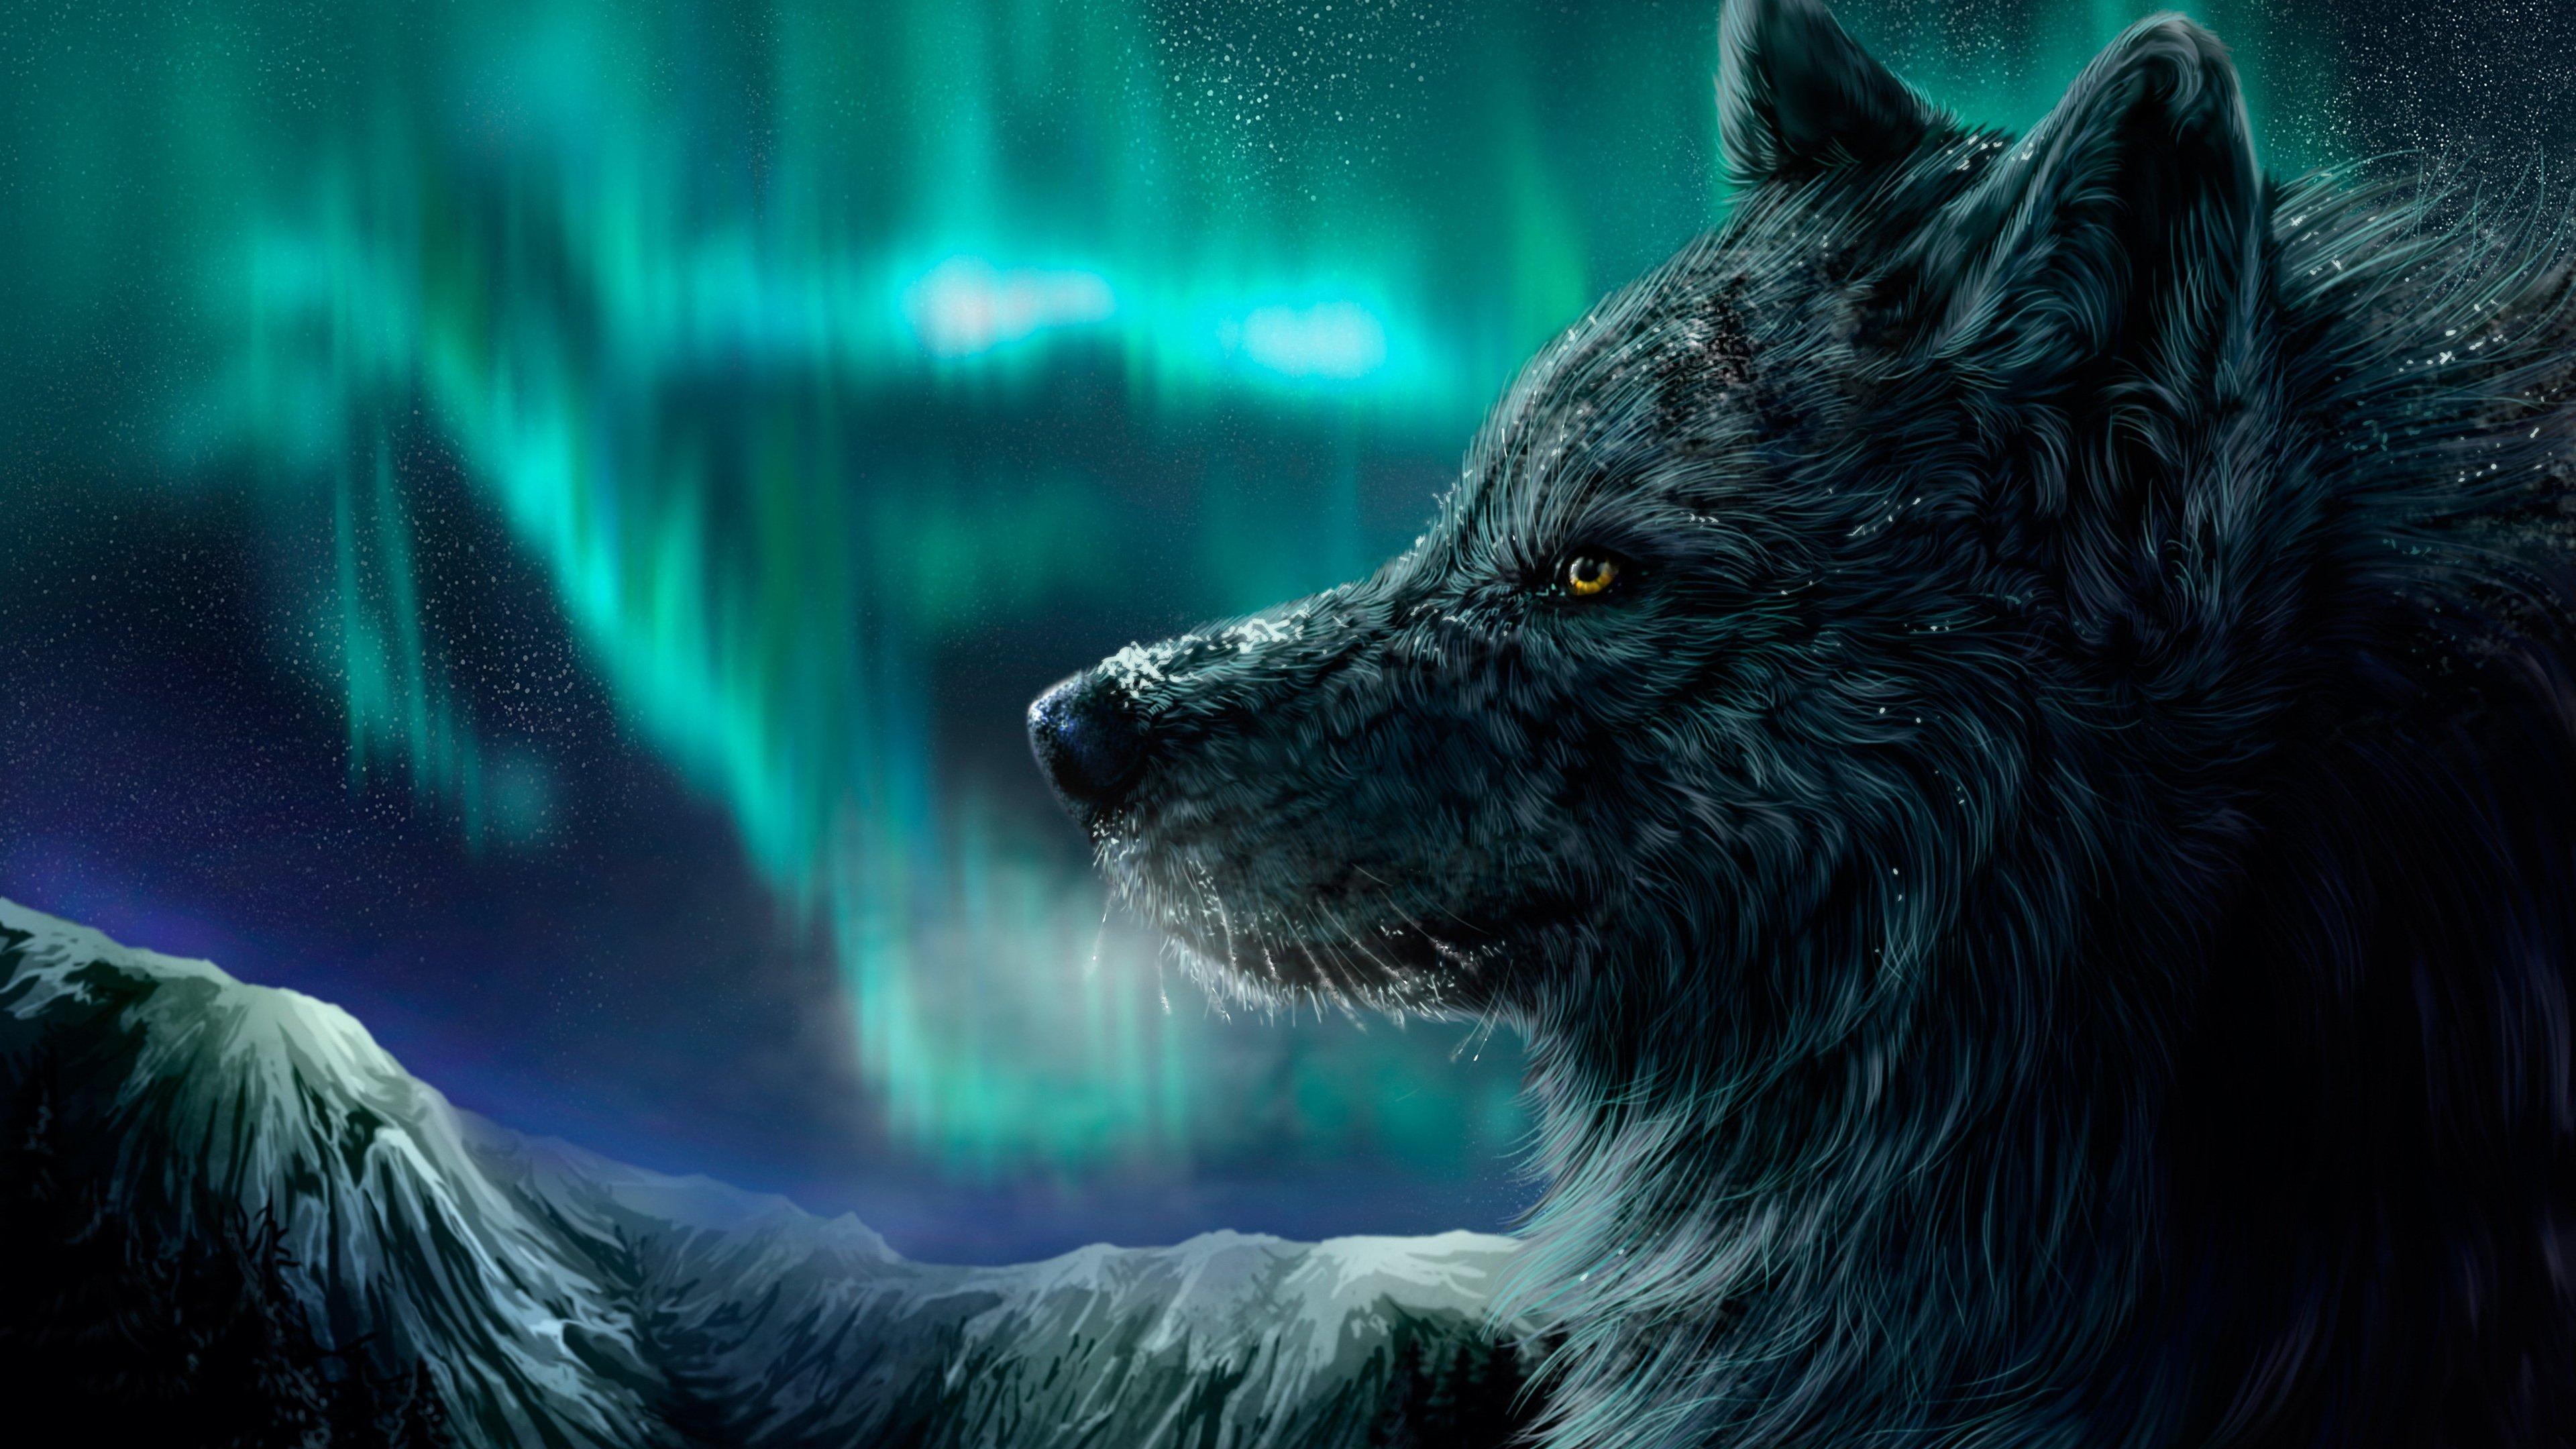 Fondos de pantalla Lobo con aurora polar de fondo